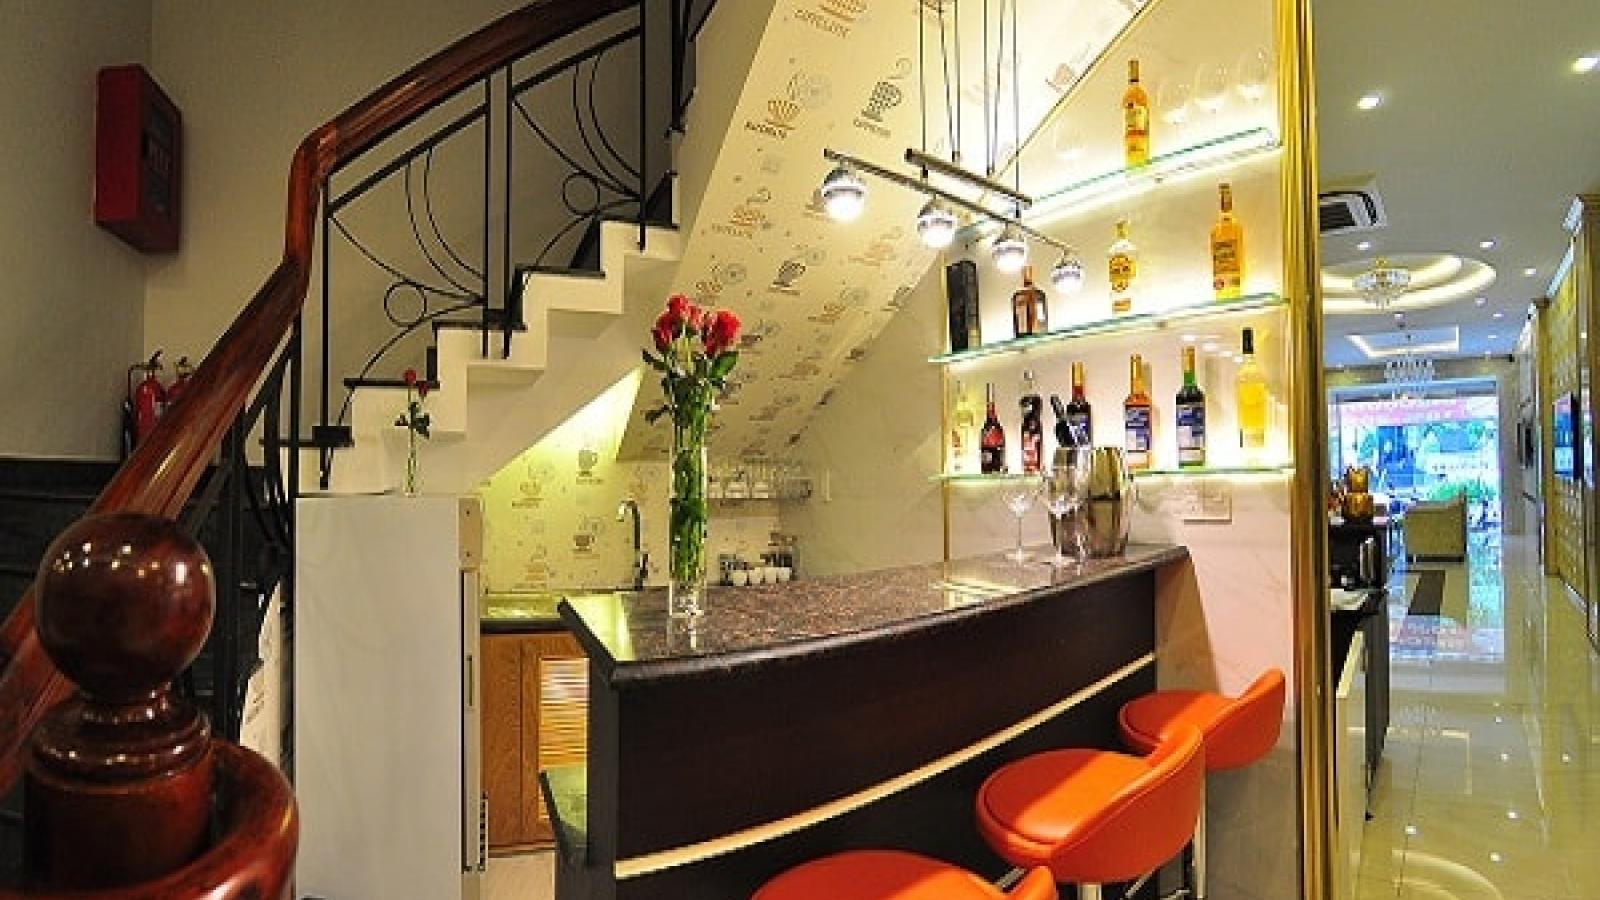 Ý tưởng thiết kế quầy bar trong nhà giúp tiết kiệm không gian